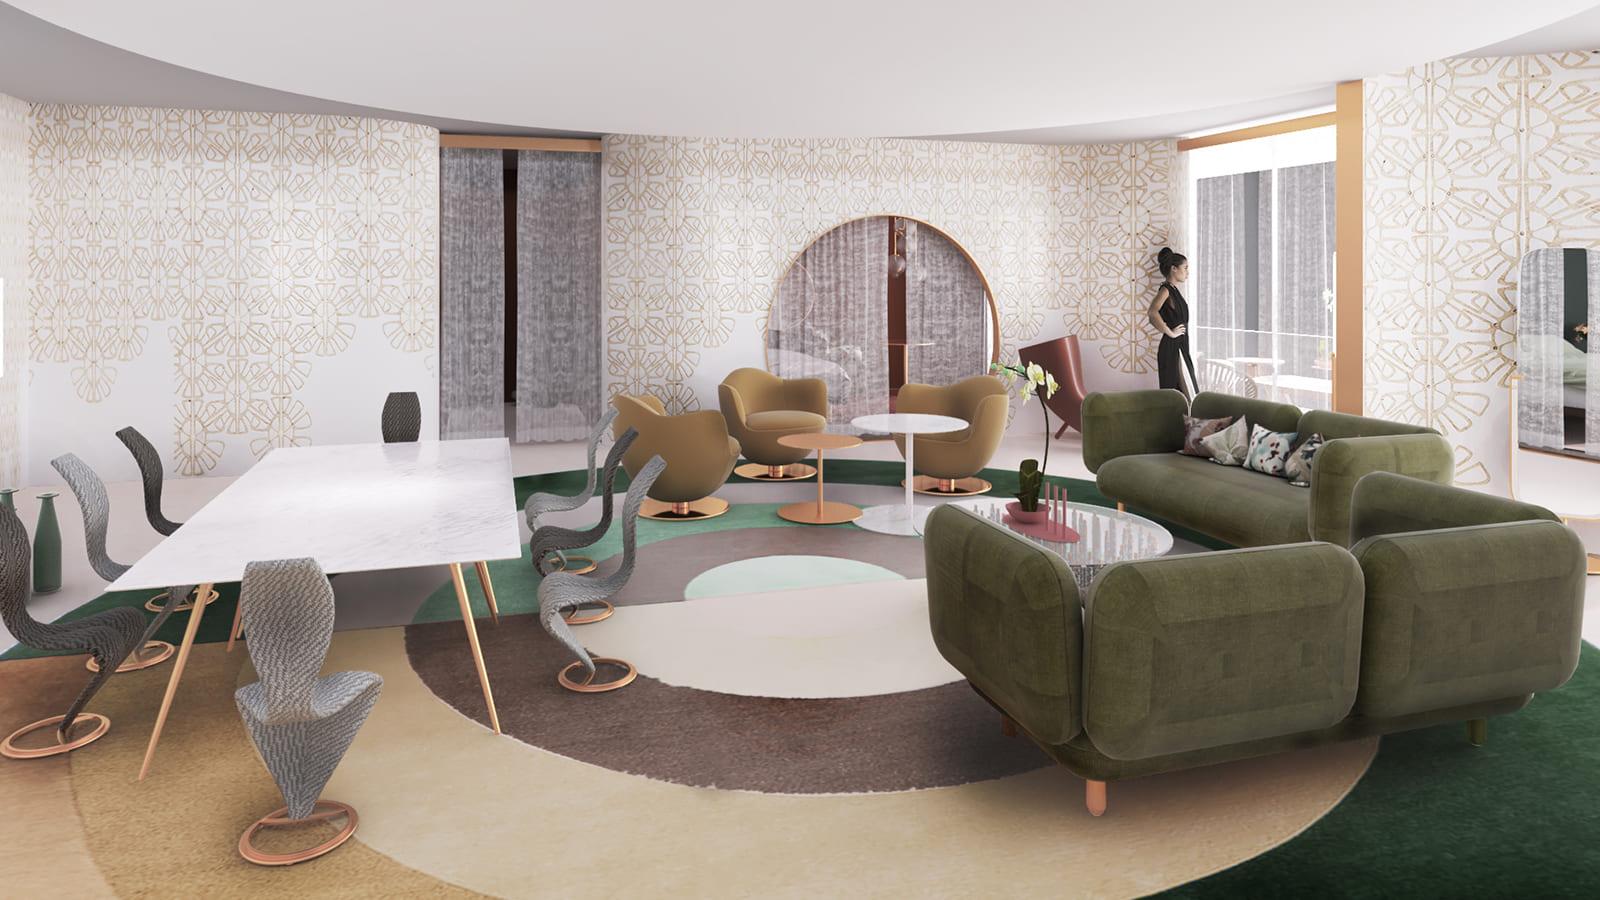 Saved by marzia filatrella architetto. Contemporary Interior Design Interior Design Design Courses Istituto Marangoni